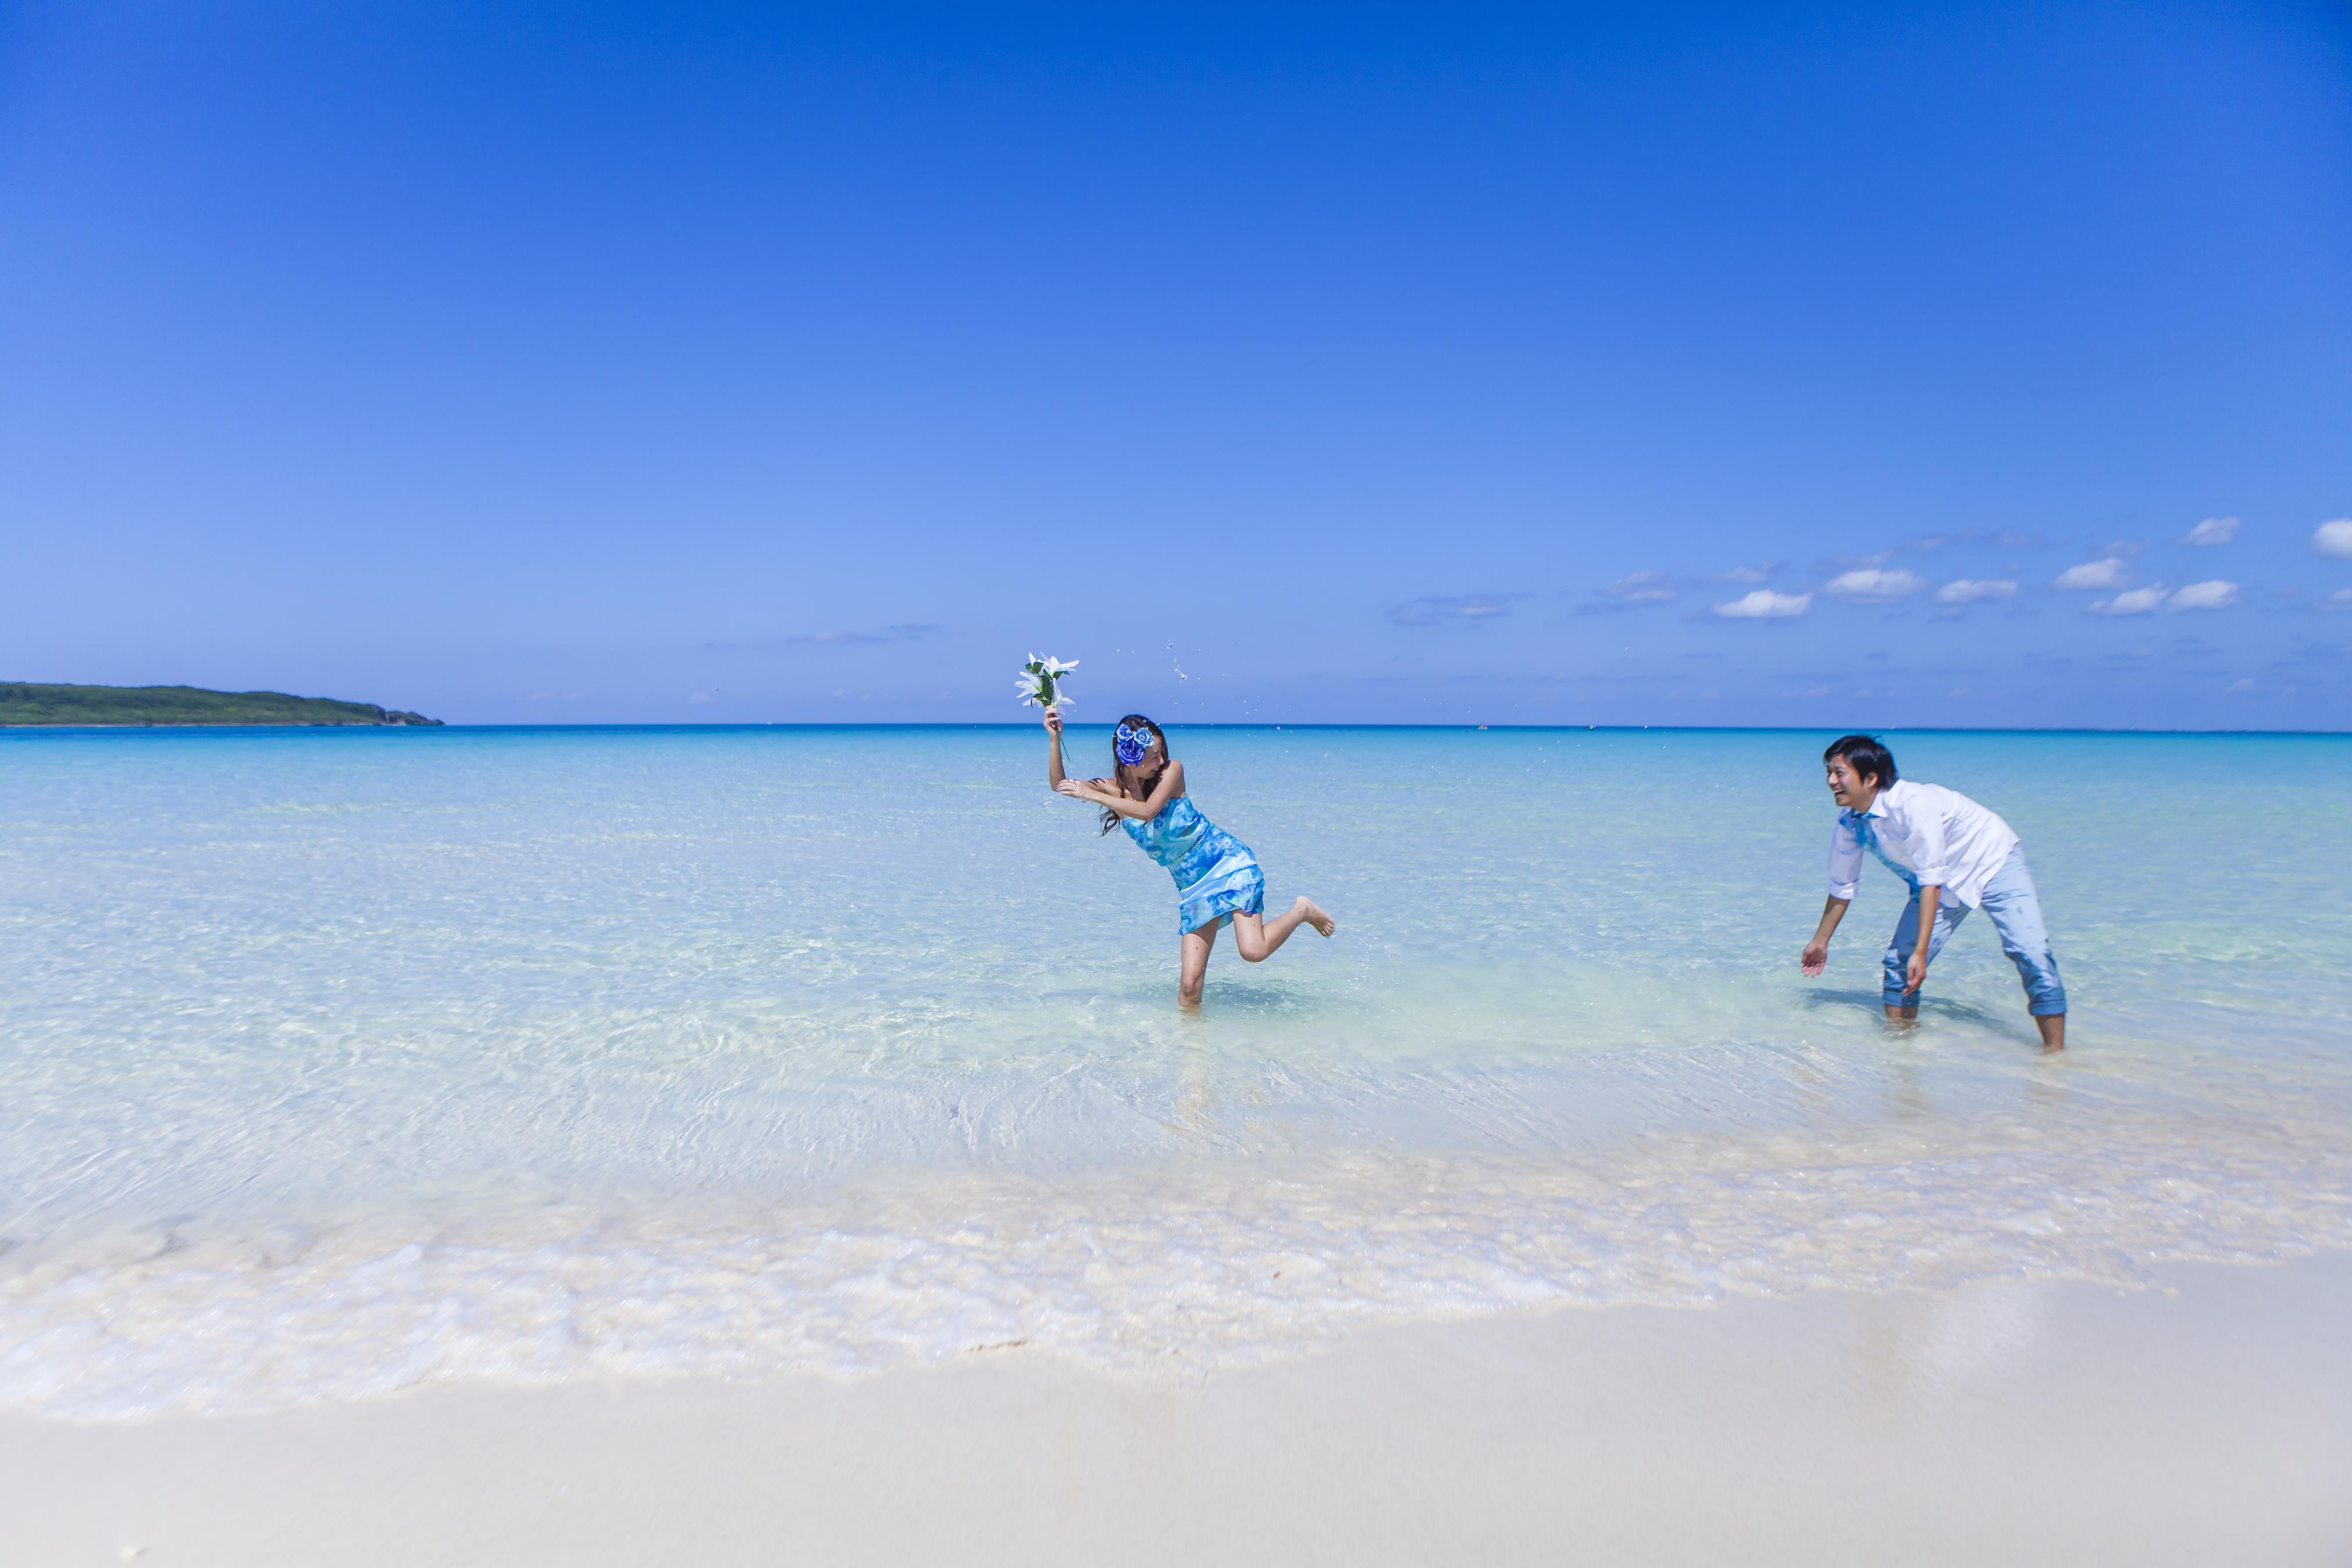 宮古島の海は、綺麗・人がいない・ゴミもない、、そして砂浜が真っ白!